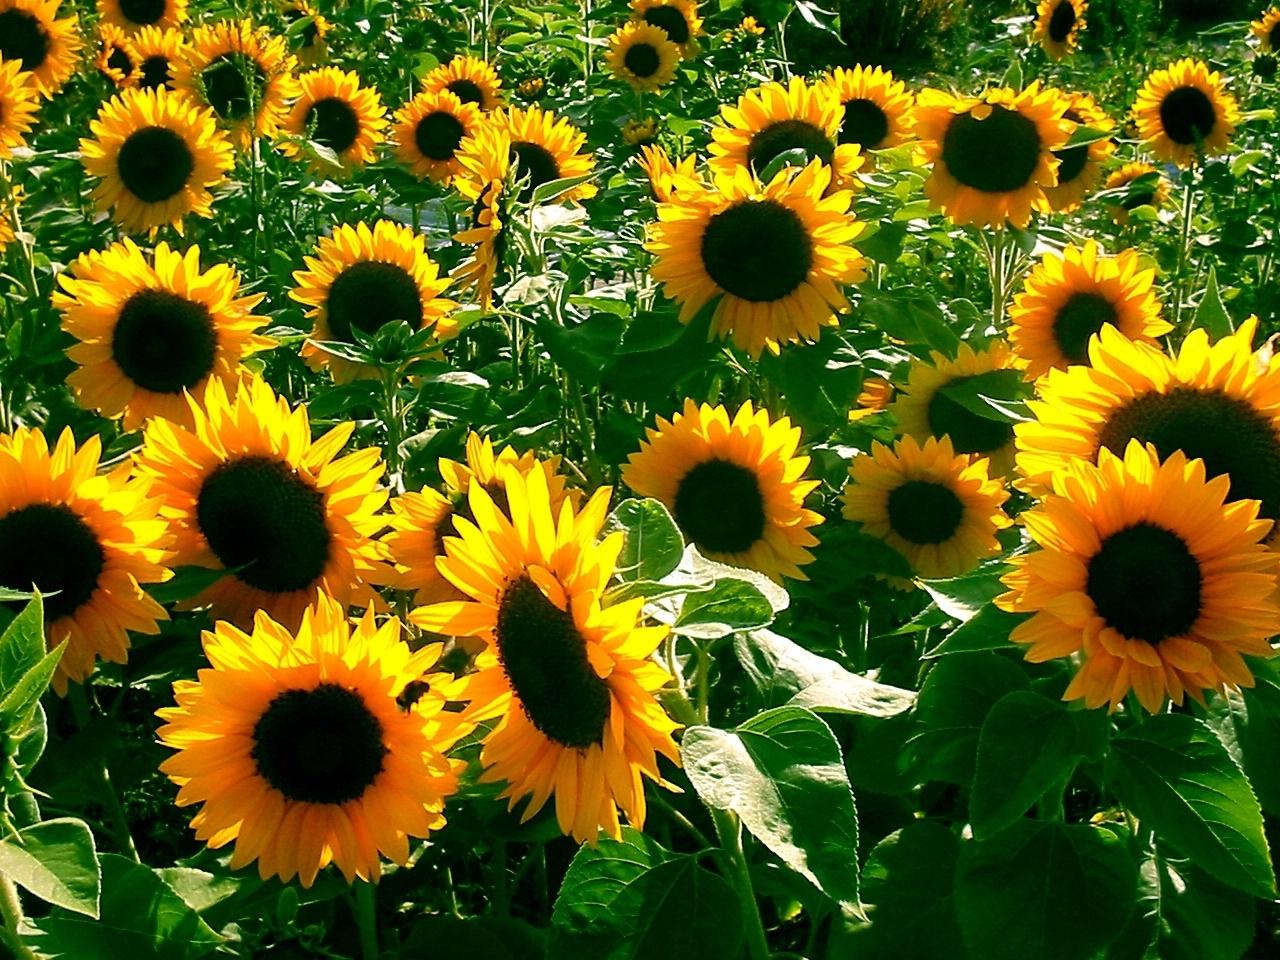 8182 Hintergrundbild herunterladen Pflanzen, Hintergrund, Sonnenblumen, Blumen - Bildschirmschoner und Bilder kostenlos